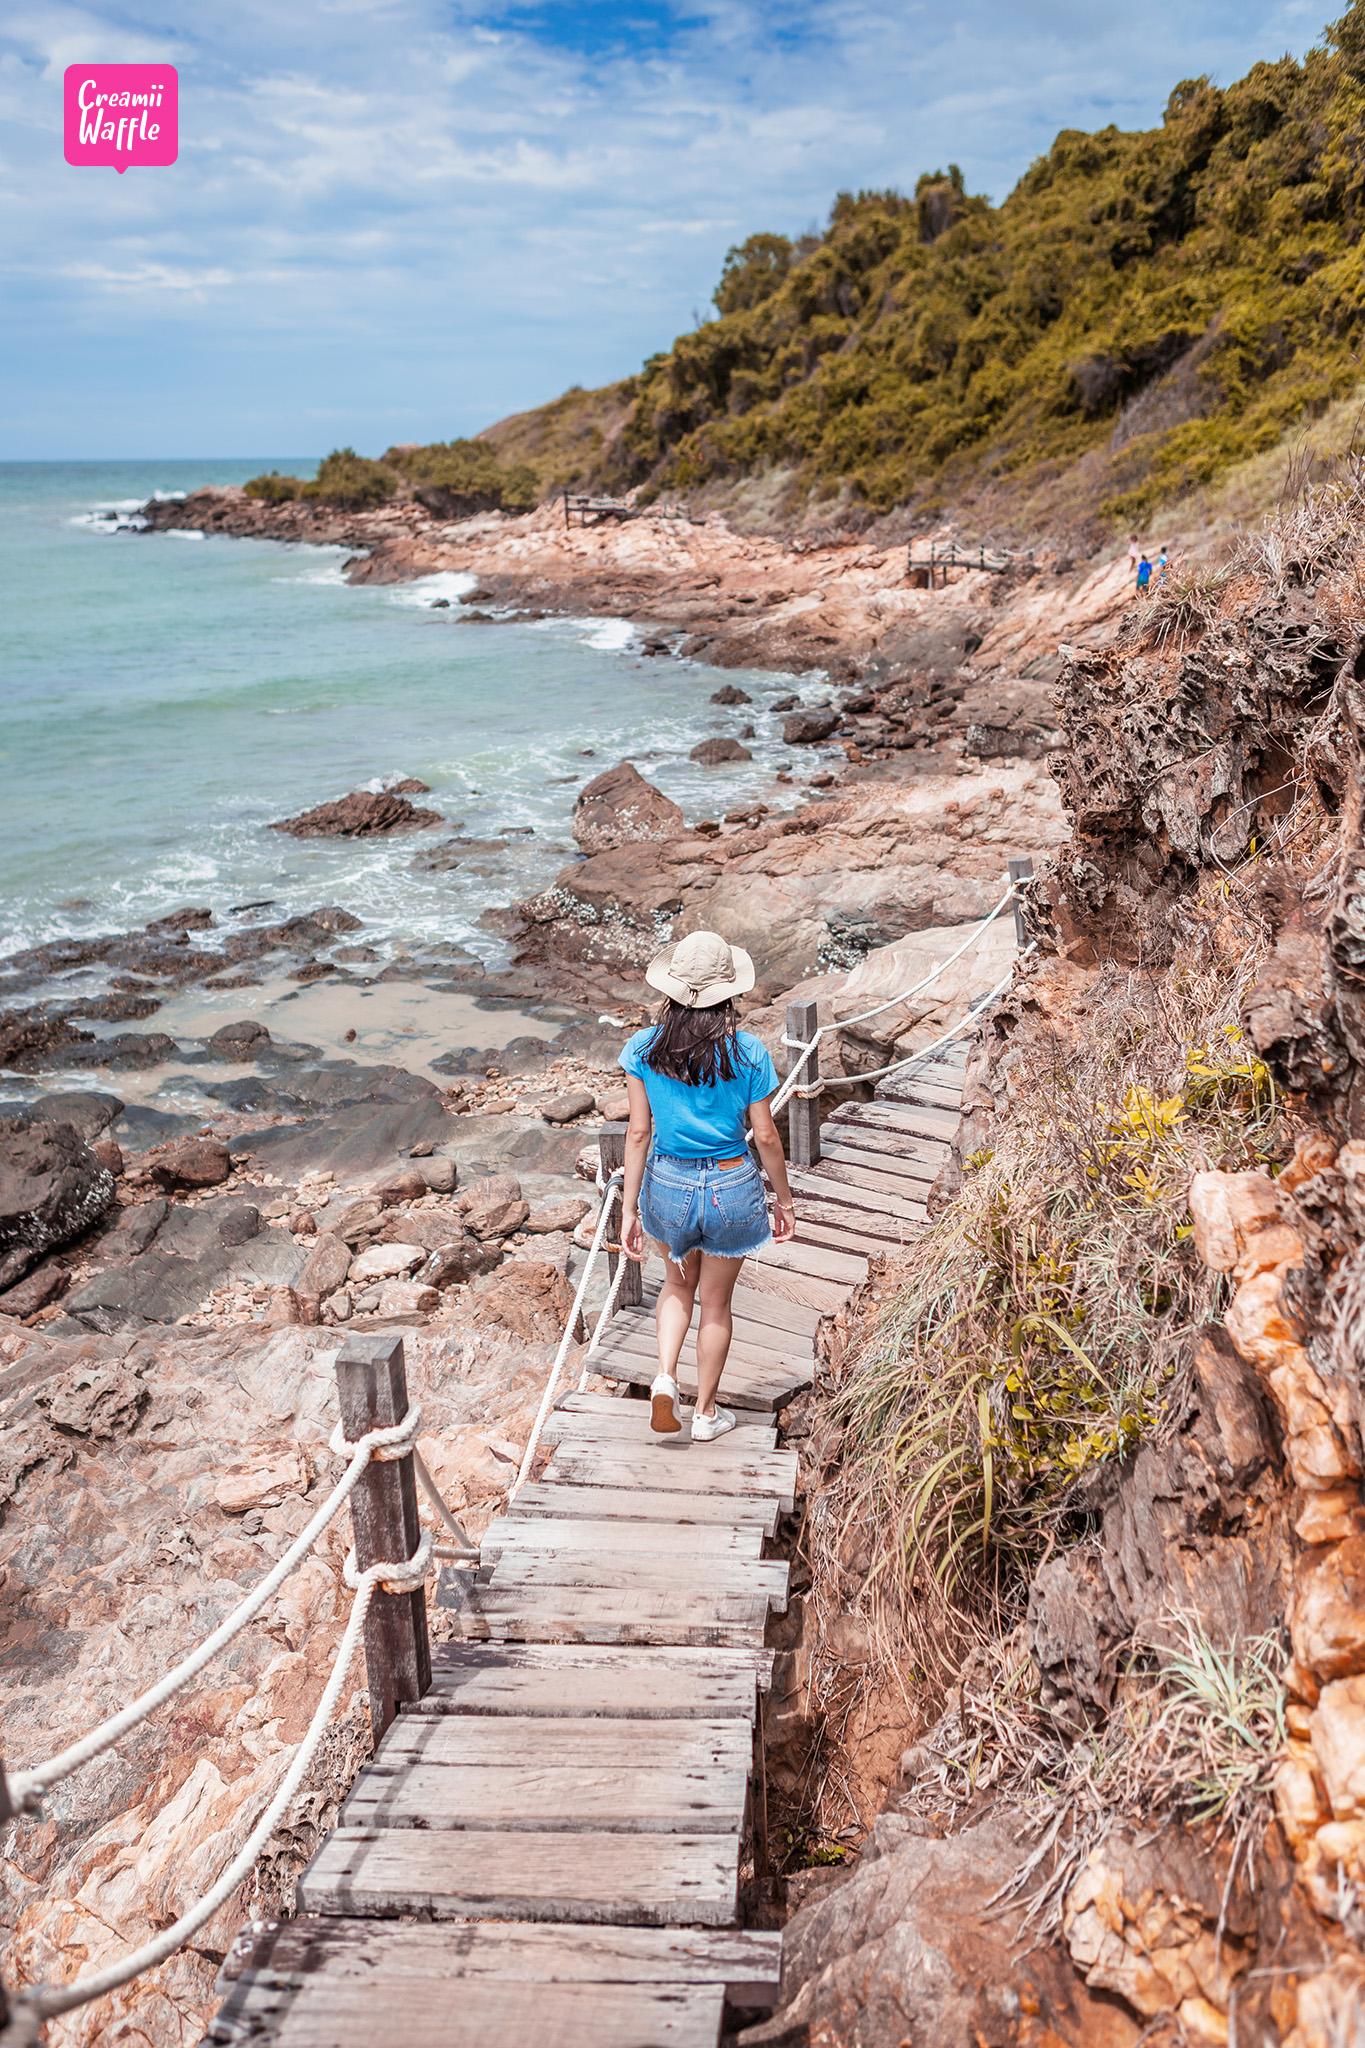 เส้นทางเดินศึกษาธรรมชาติเลียบทะเล